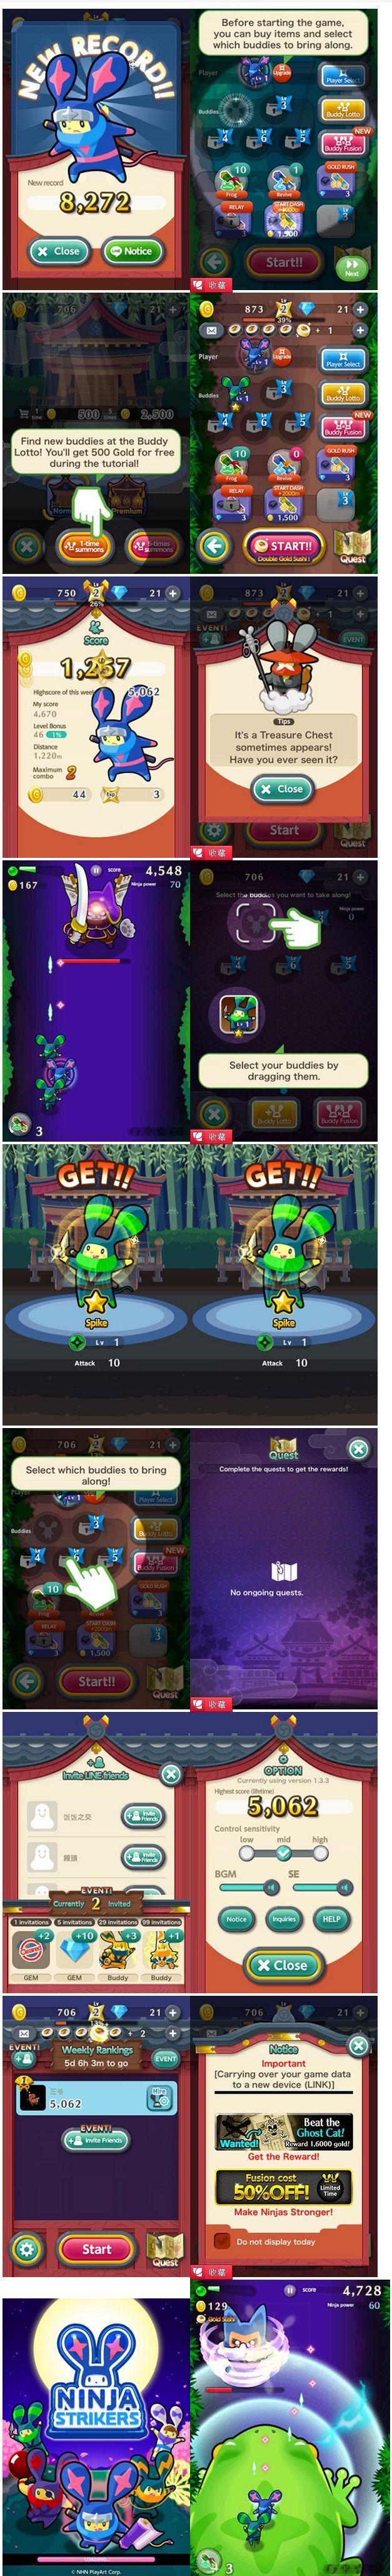 手机游戏界面截图精选 | GAMEUI ...: